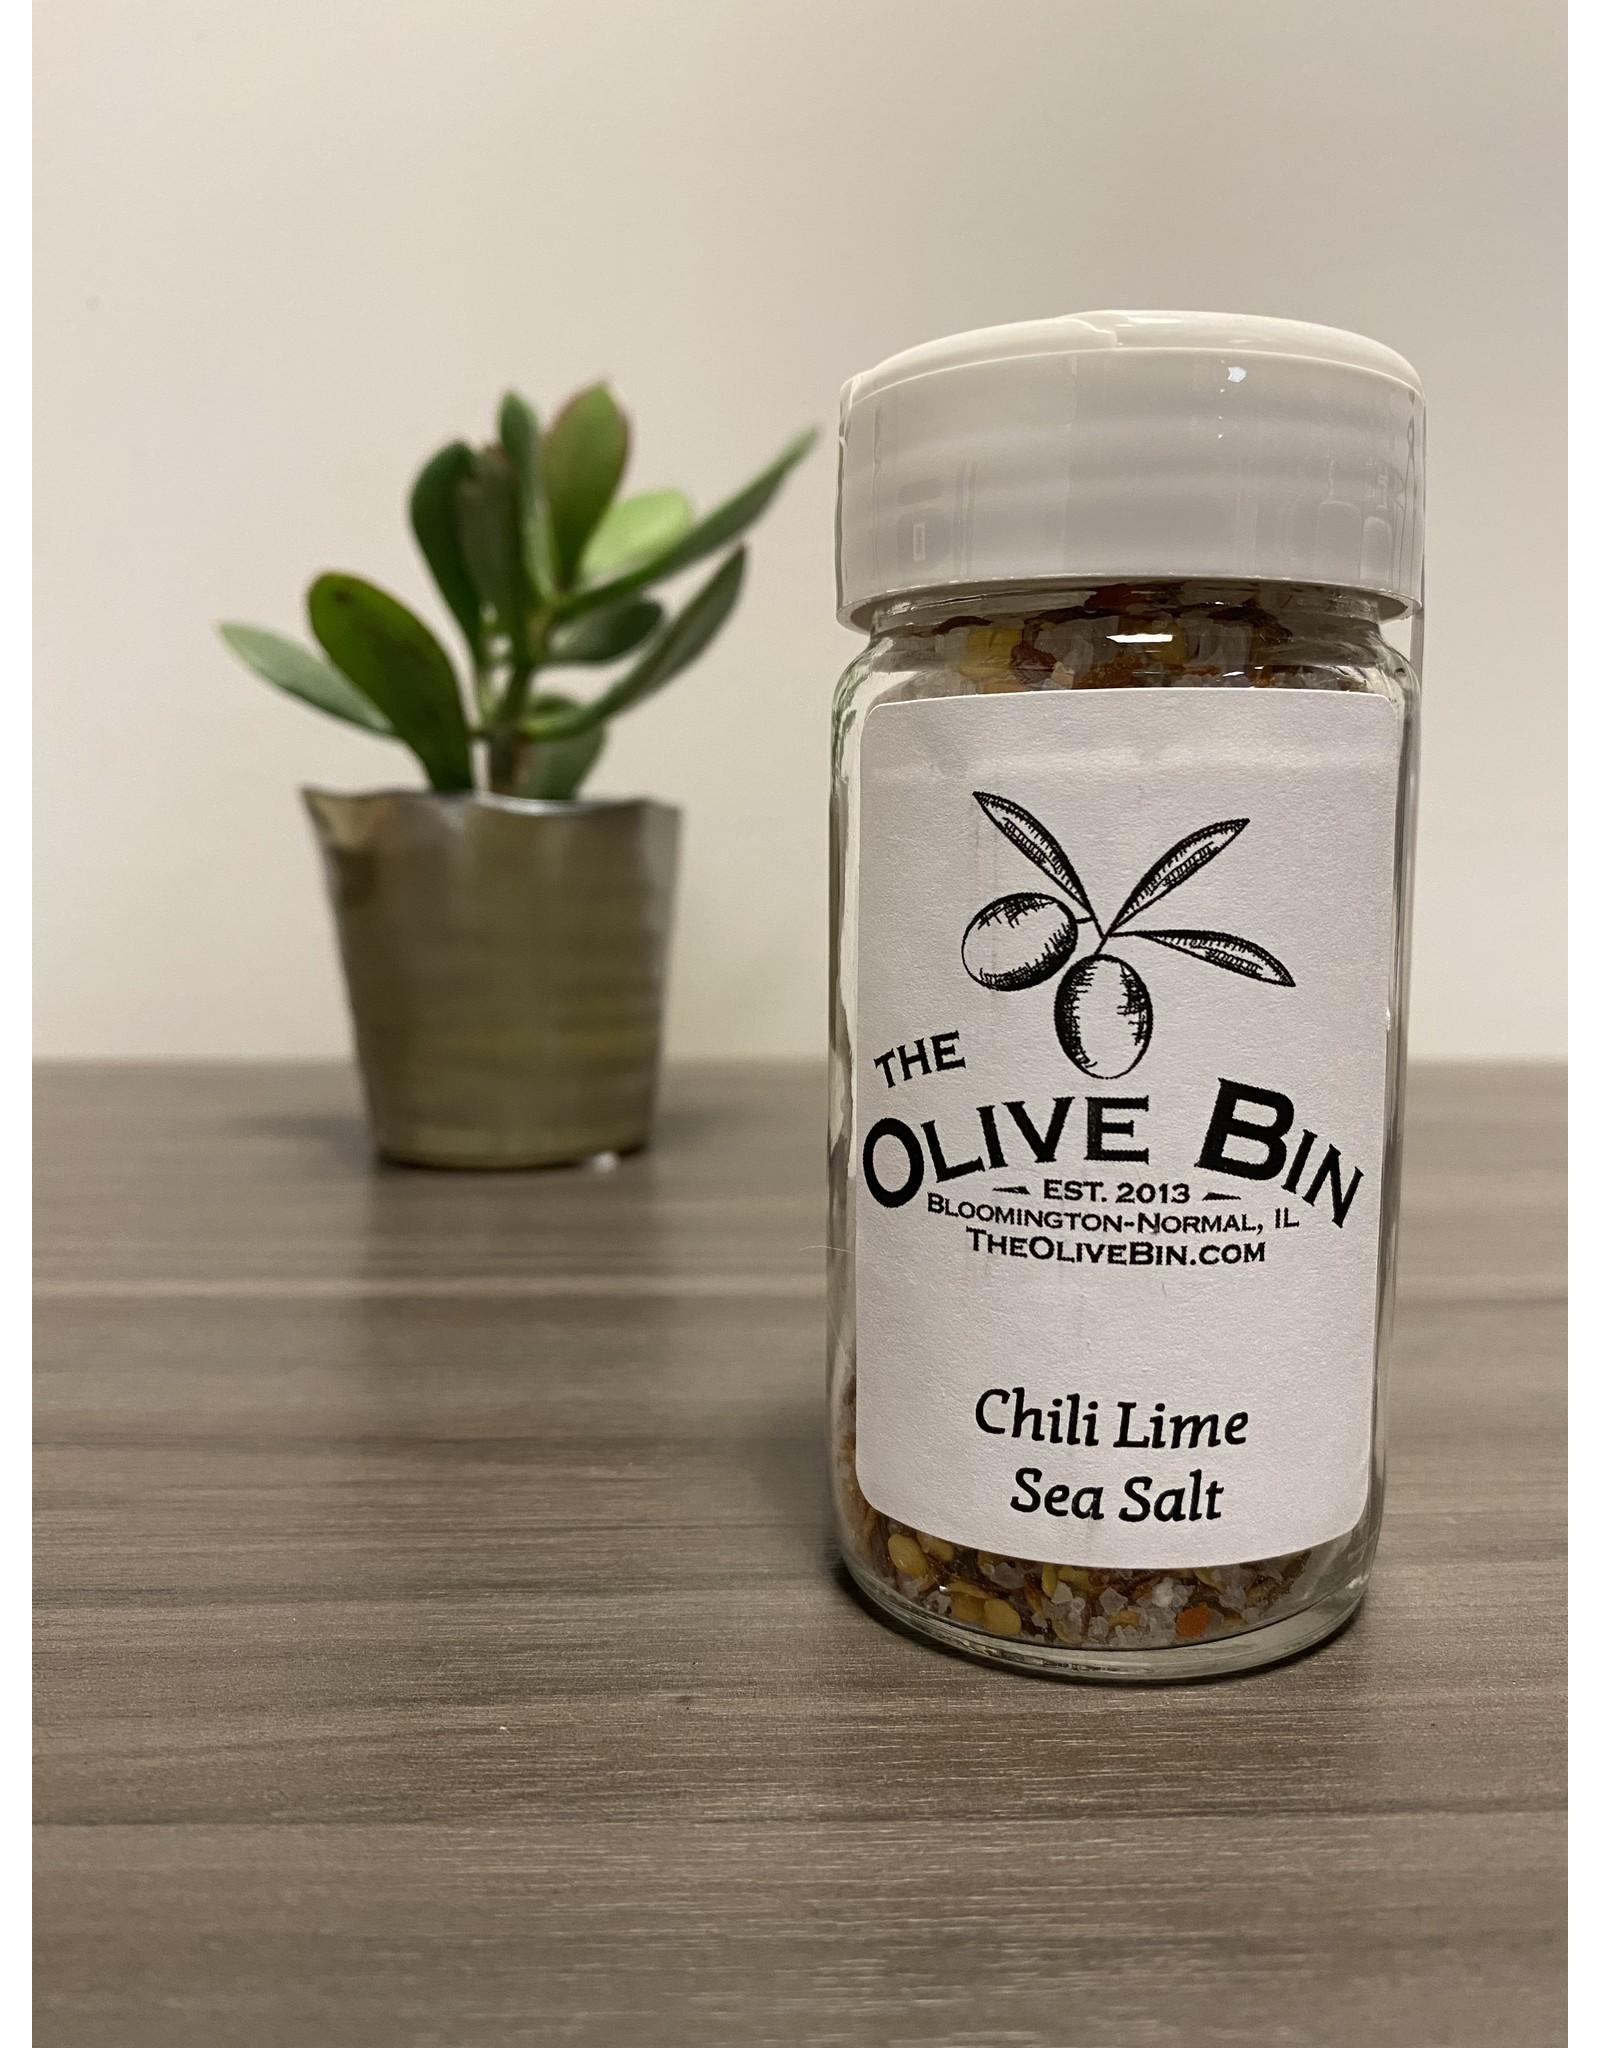 Chili Lime Sea Salt